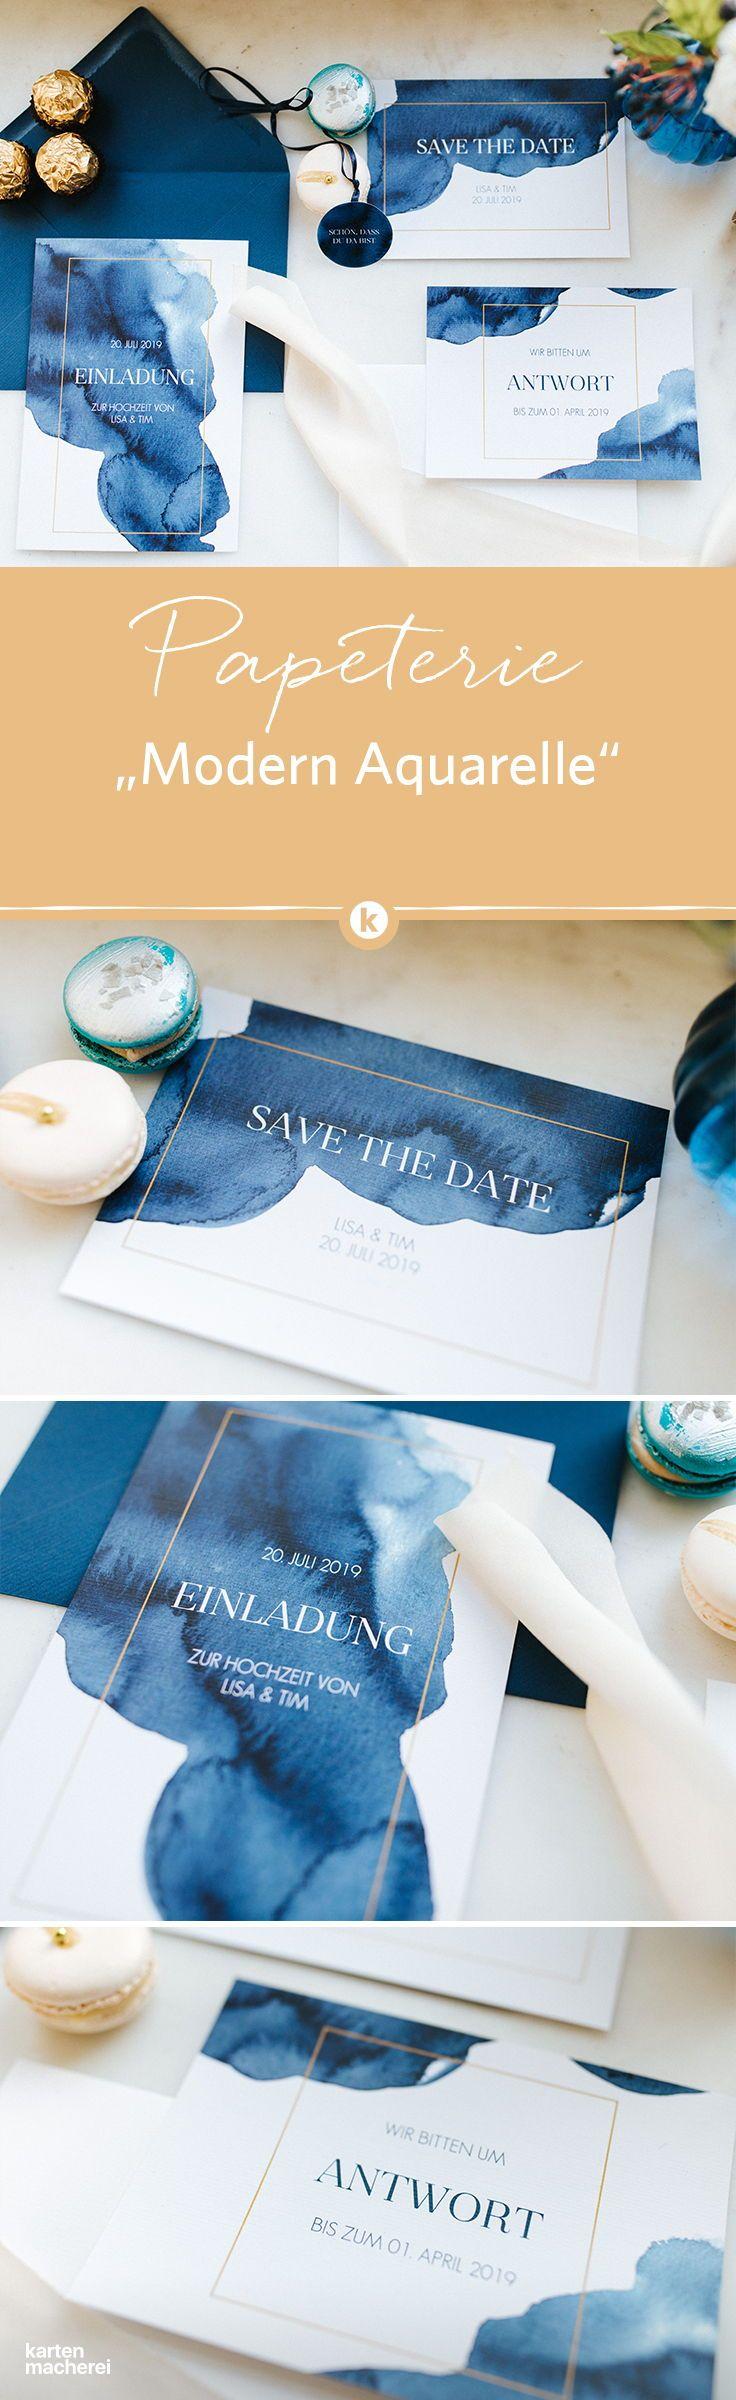 #papeterie #paperlove #wedding #hochzeit #hochzeitspapeterie #einladung  #weddinginvitation #invitation #kartenmacherei #bohowedding #vintagewedding  ...